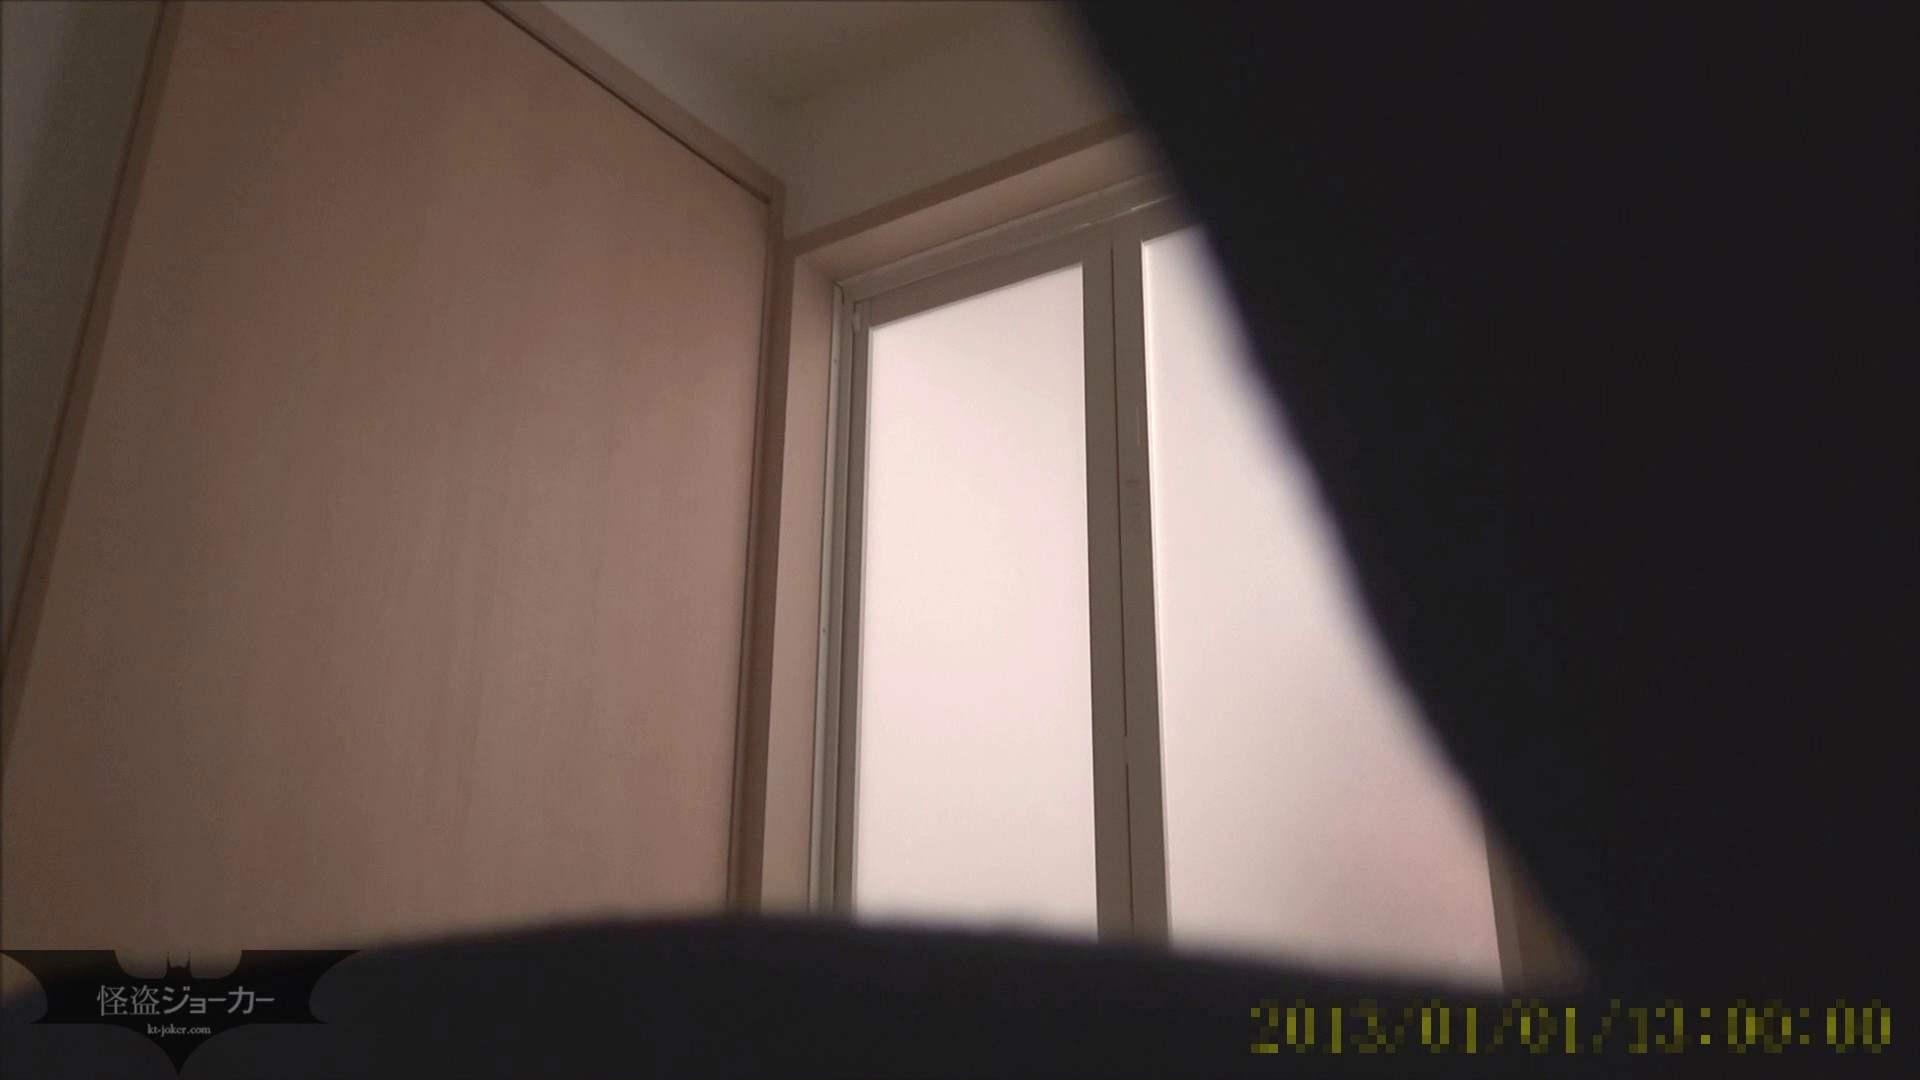 【未公開】vol.103  {黒髪→茶髪ボブに変身}美巨乳アミちゃん④【前編】 シャワー室 AV無料動画キャプチャ 92画像 36